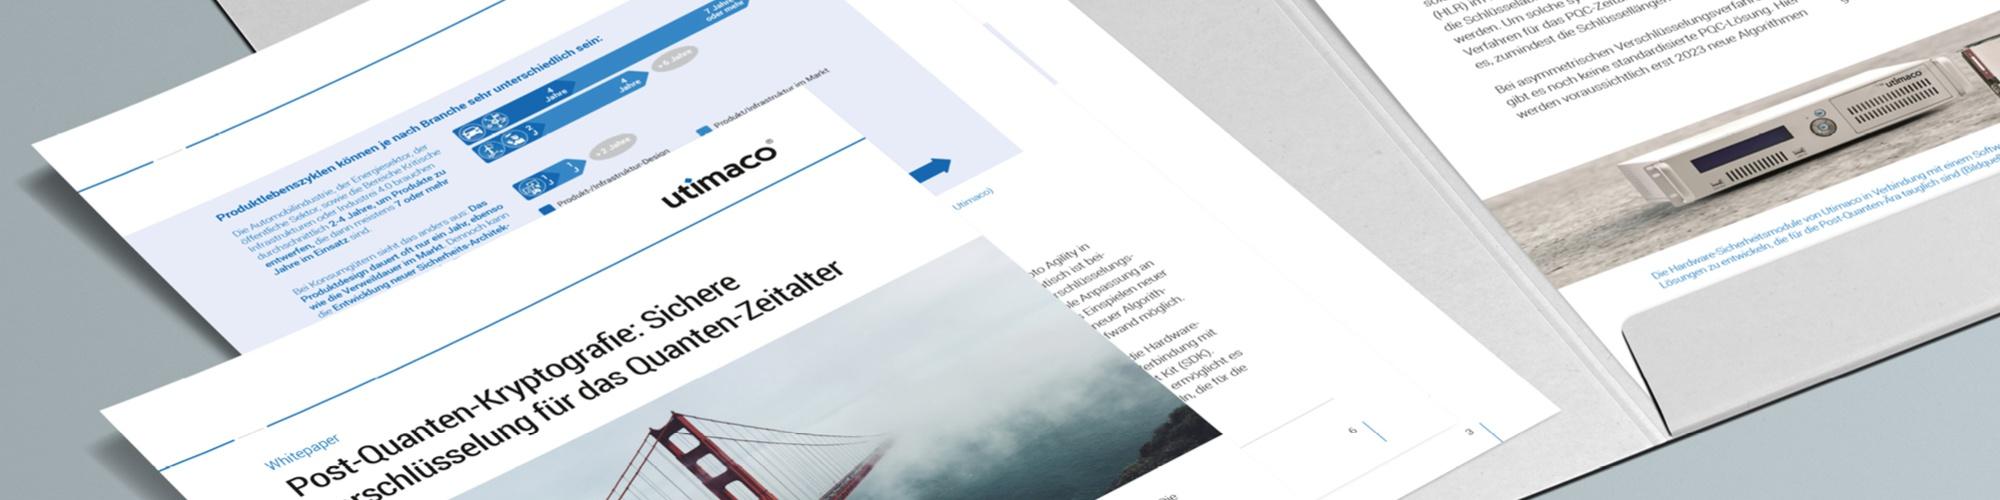 Utimaco: Whitepaper – Layoutkonzept, Umsetzung Grafikdesign, inkl. Template und Wordvorlagen